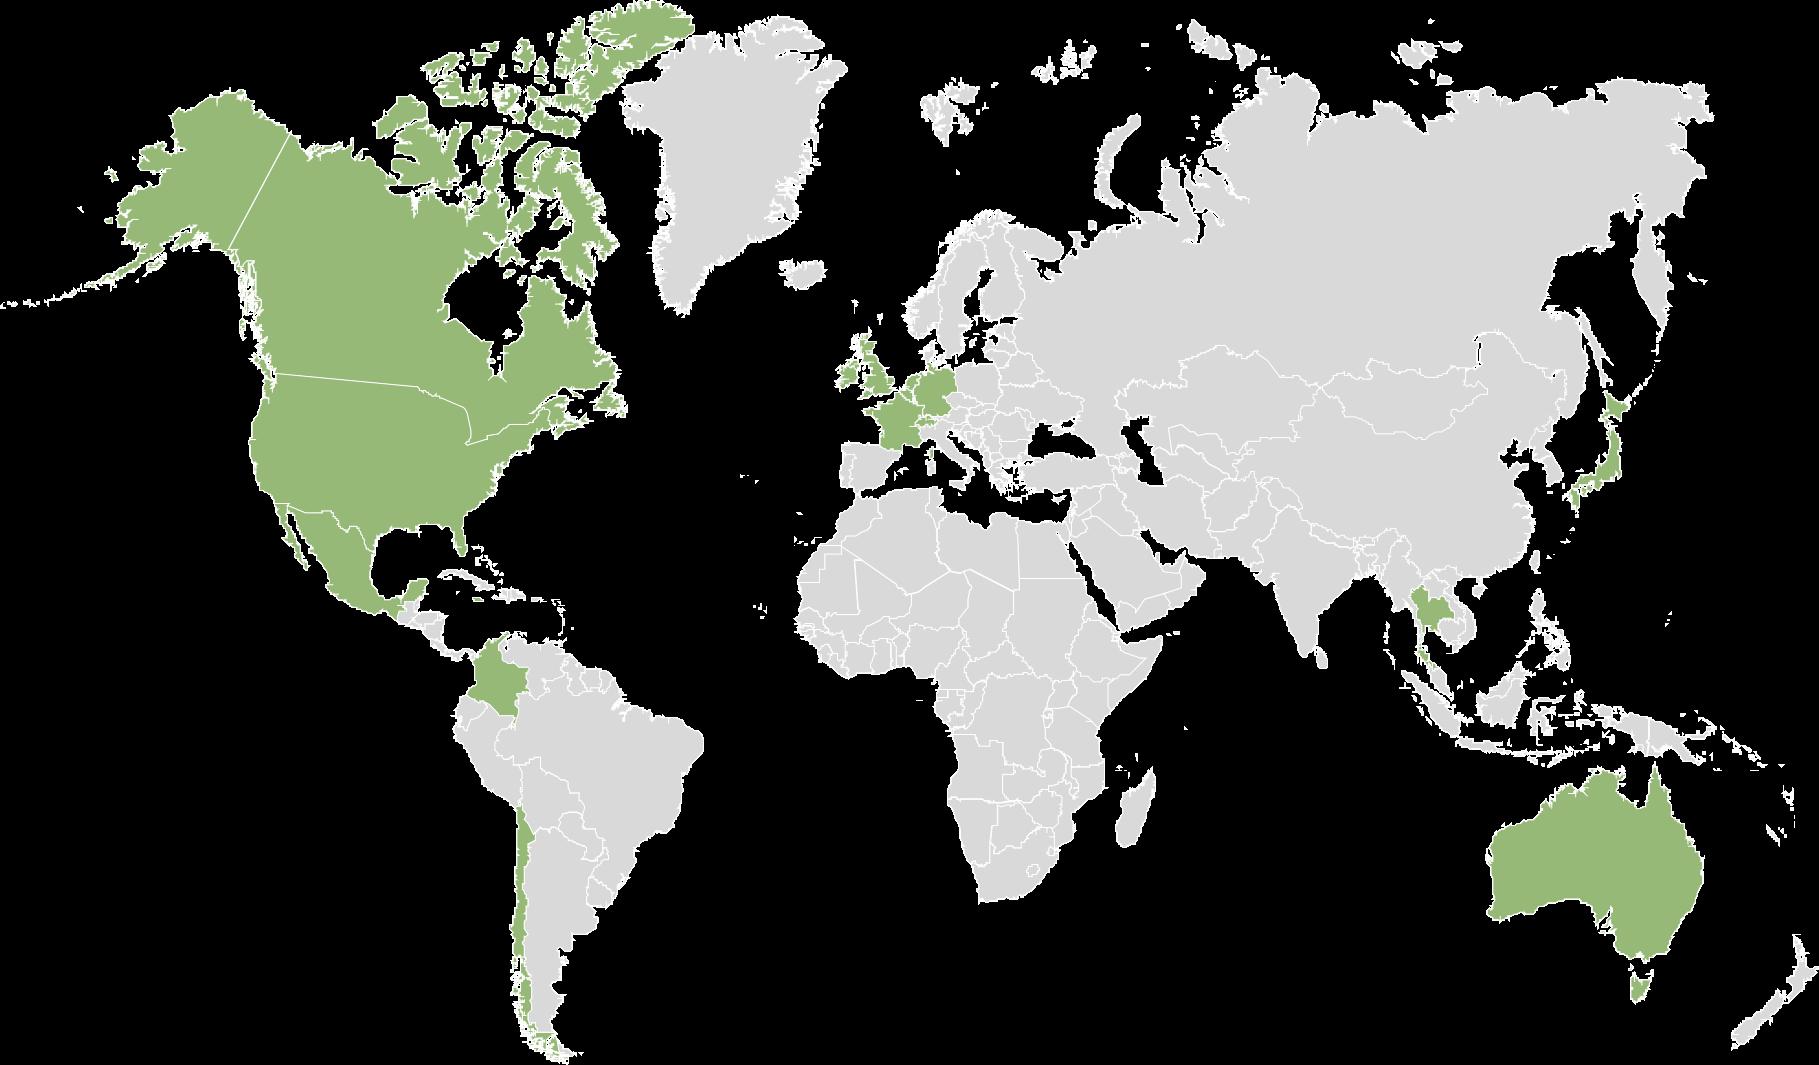 WMC World Map Image.png